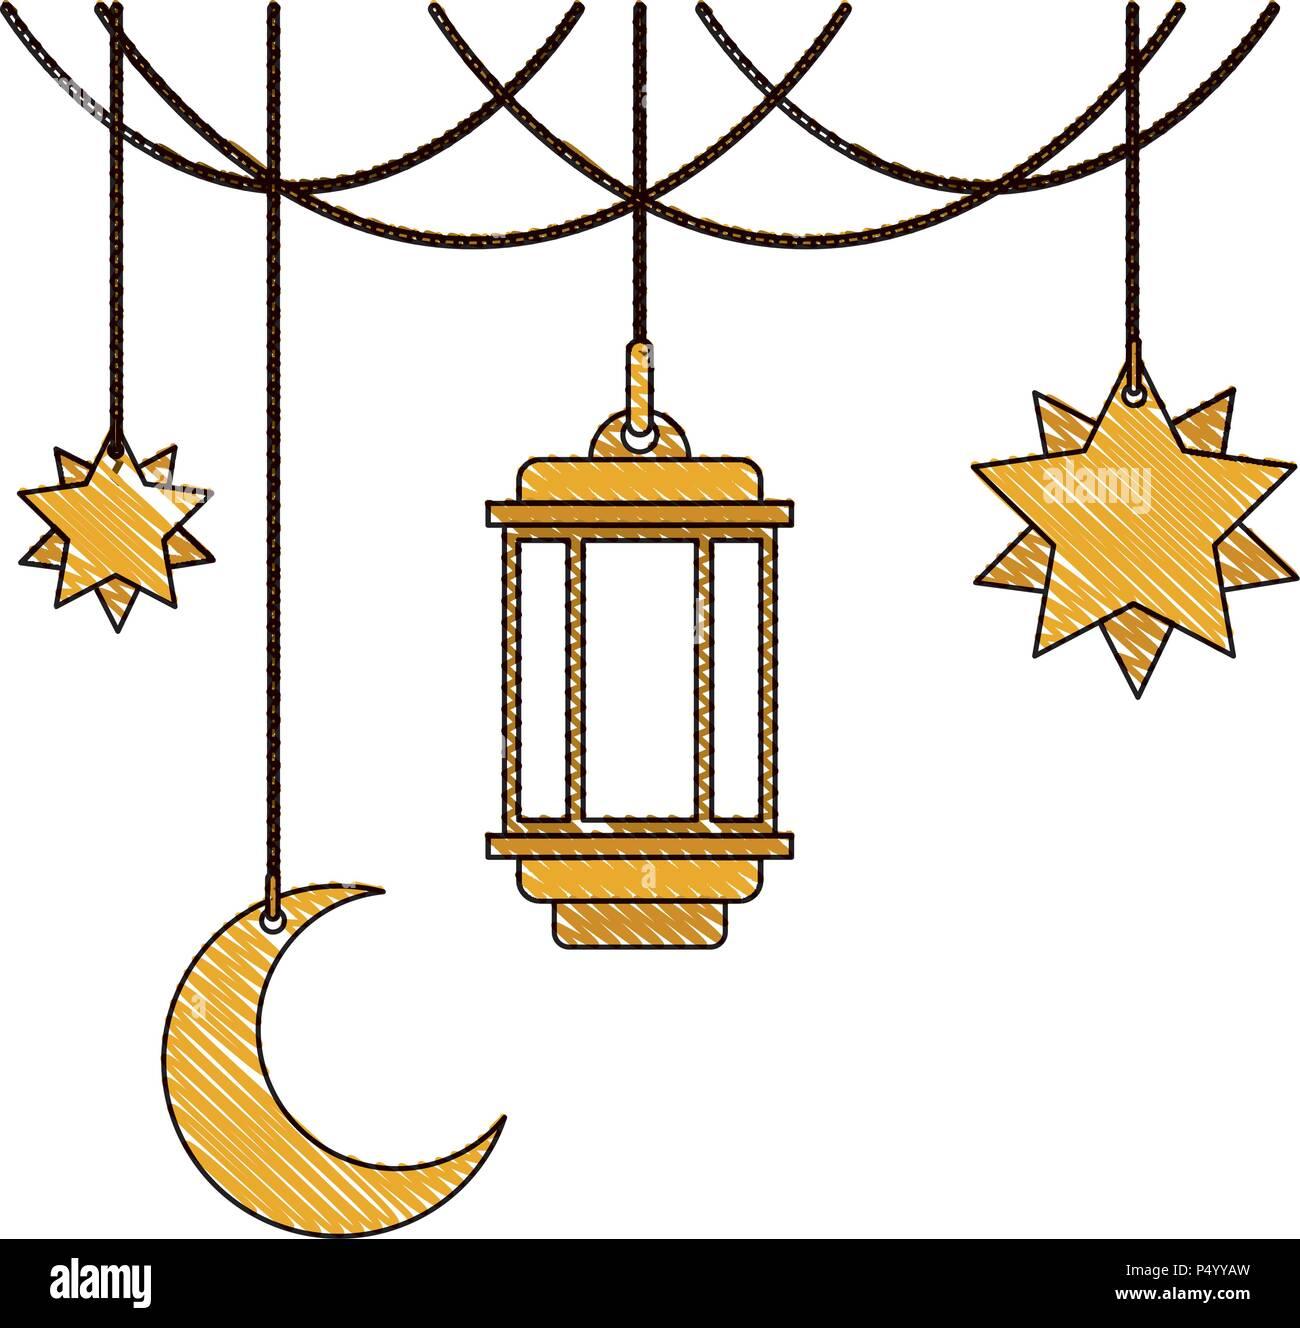 die traditionelle arabische lampe mit halbmond und sterne aufh ngen vektor abbildung bild. Black Bedroom Furniture Sets. Home Design Ideas